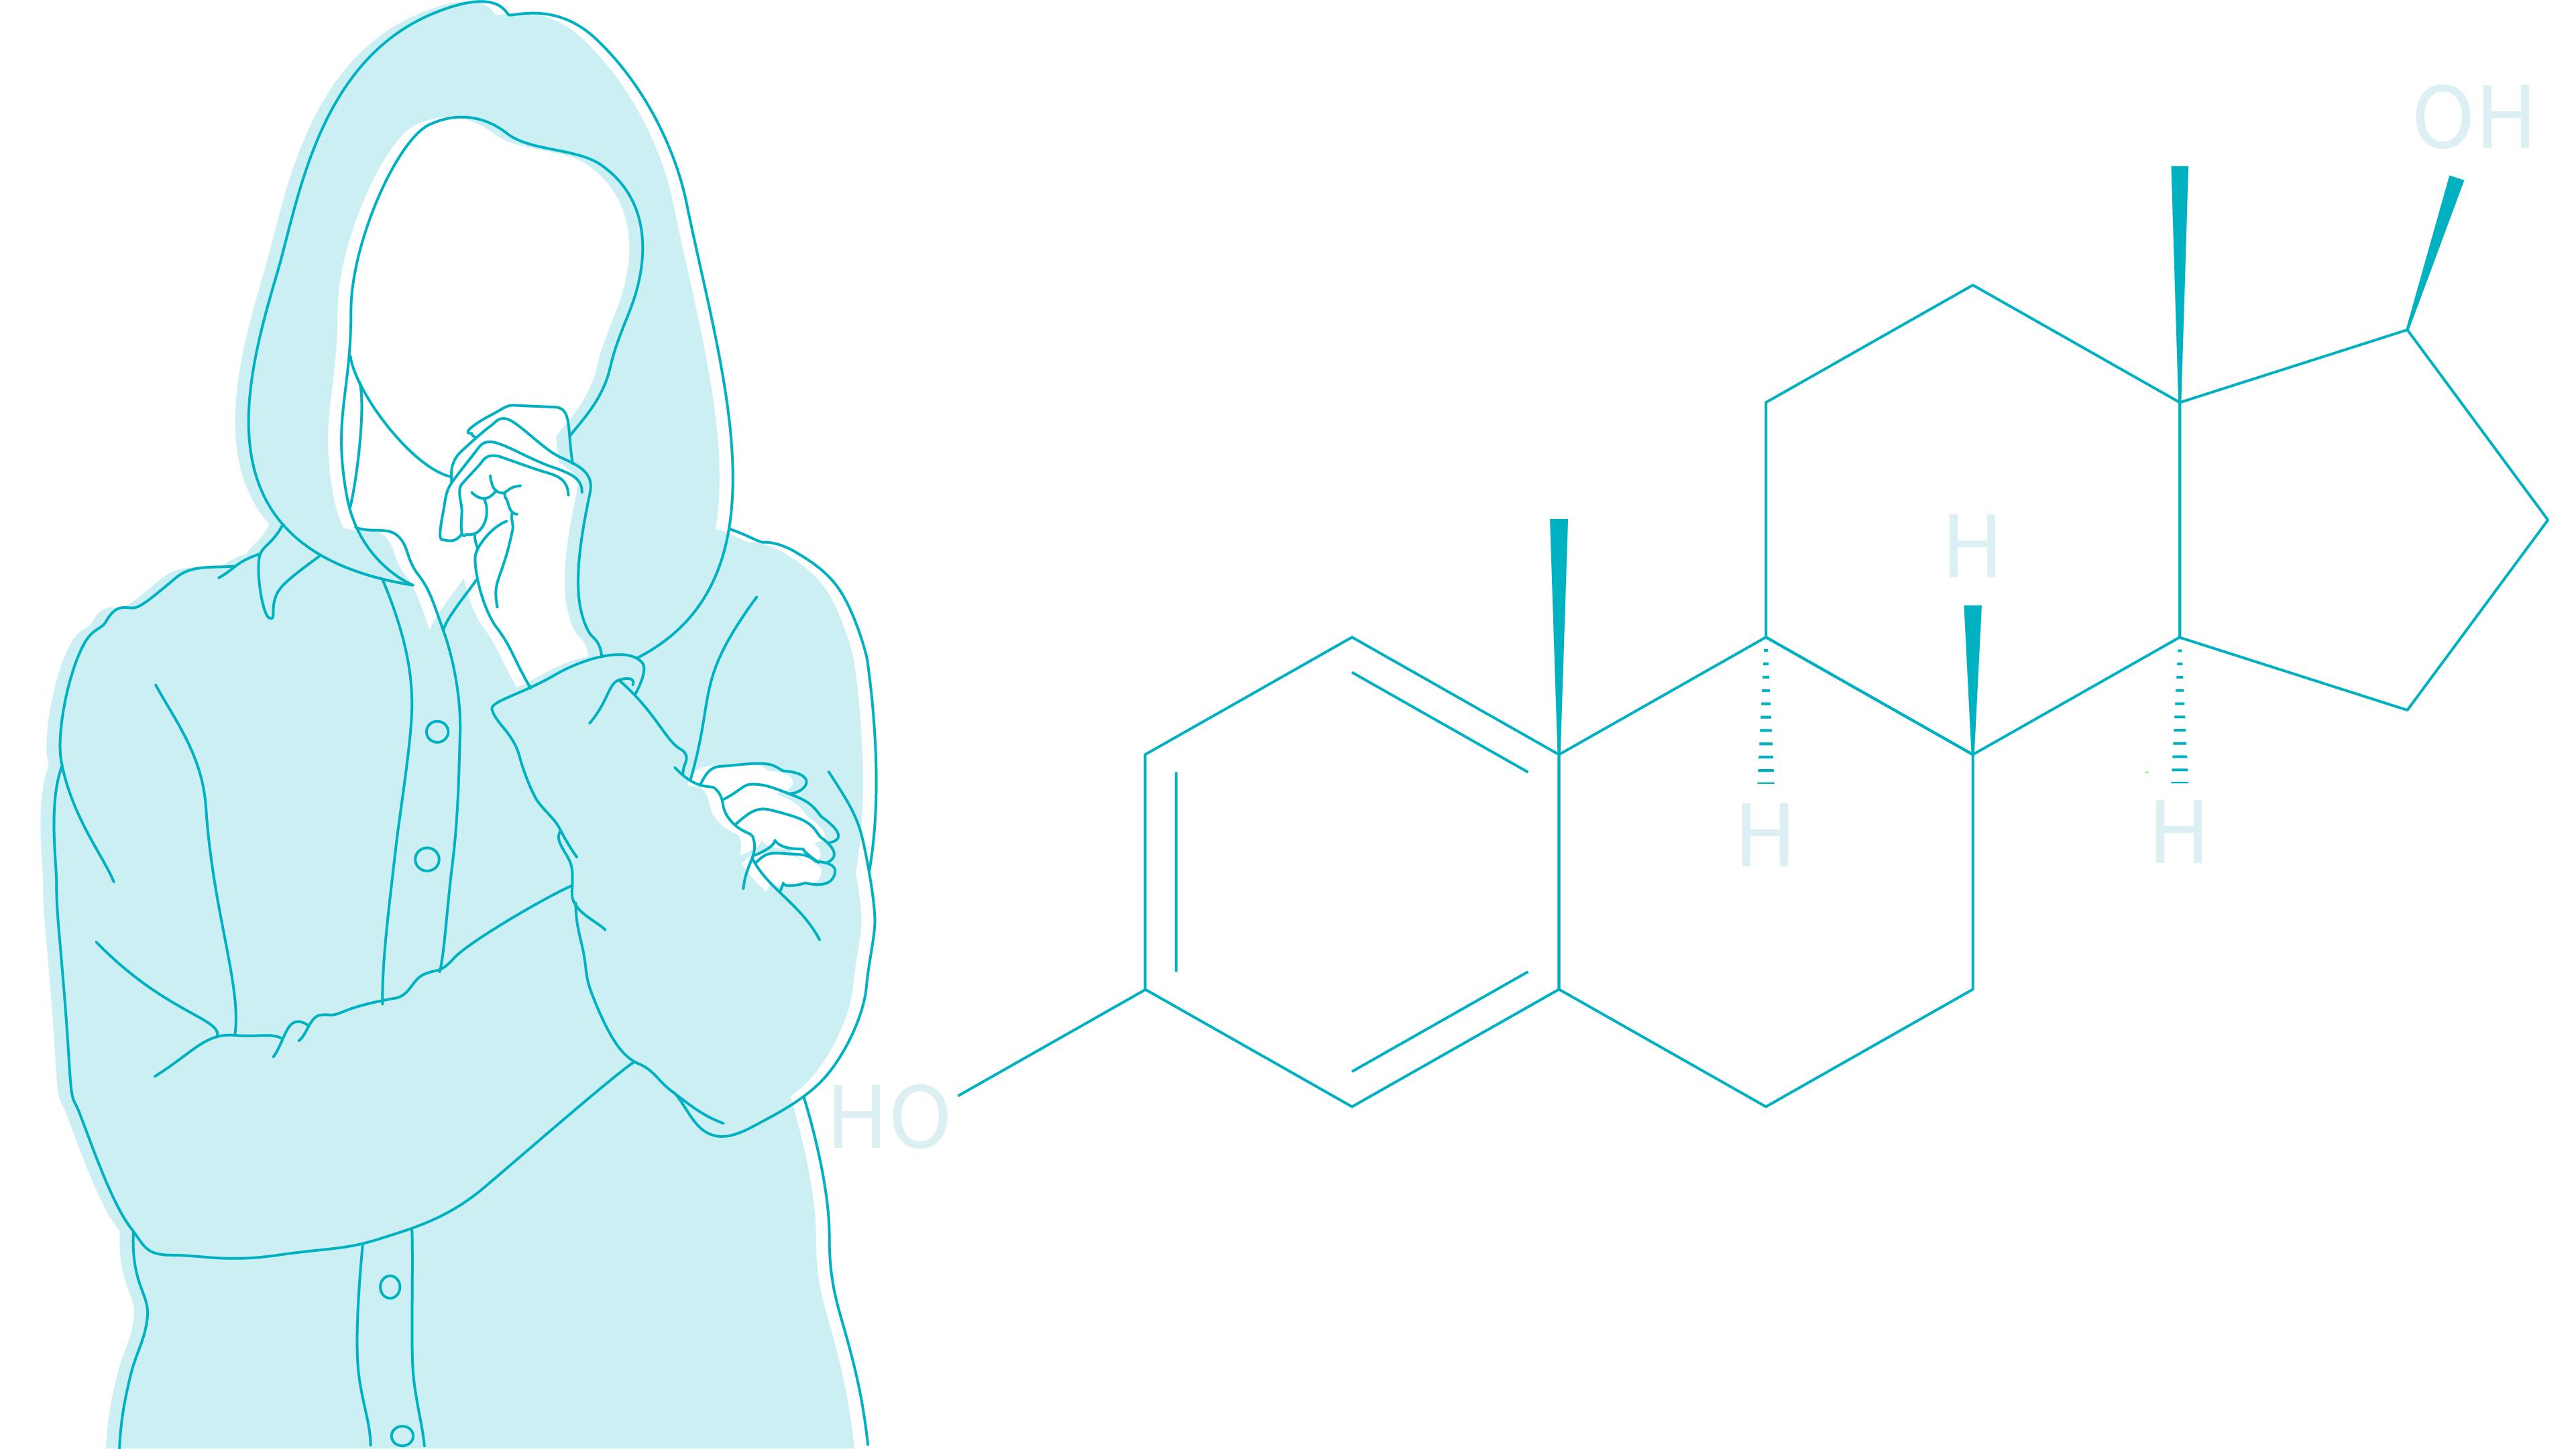 estrogen molecule